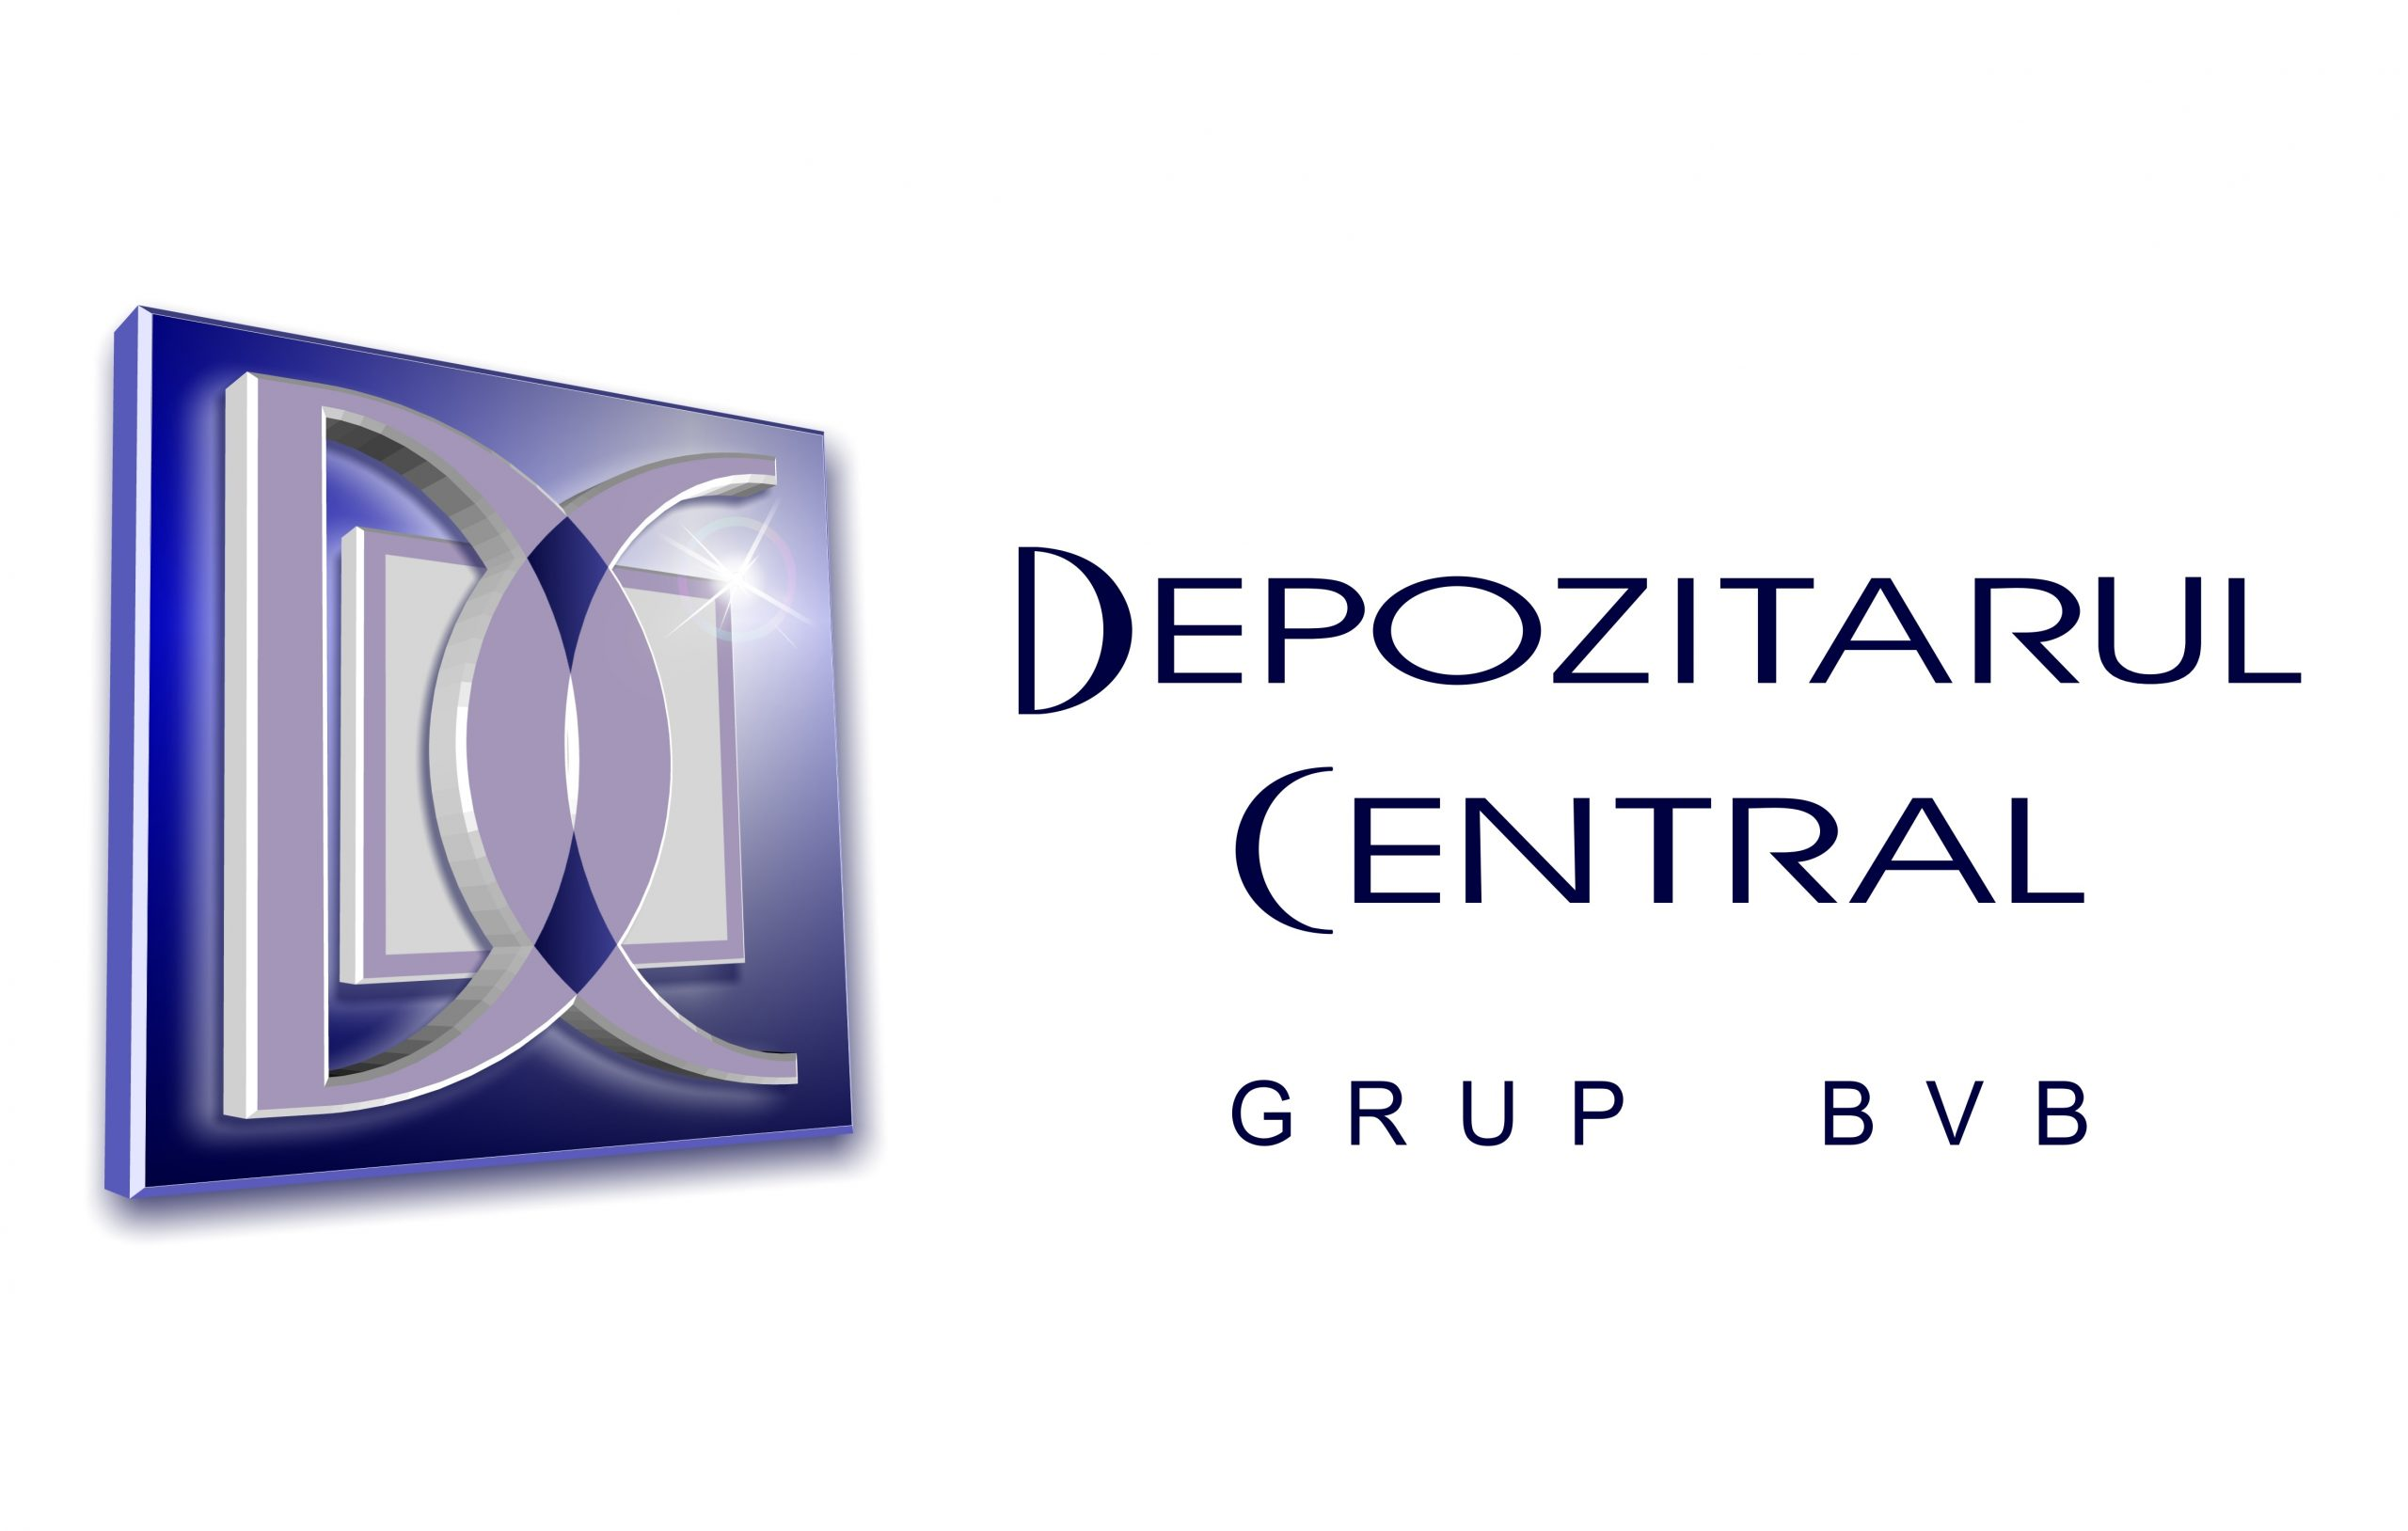 Depozitarul Central va distribui sumele de bani aferente cuponului nr.5 pentru obligațiunile emise de RAIFFEISEN BANK SA